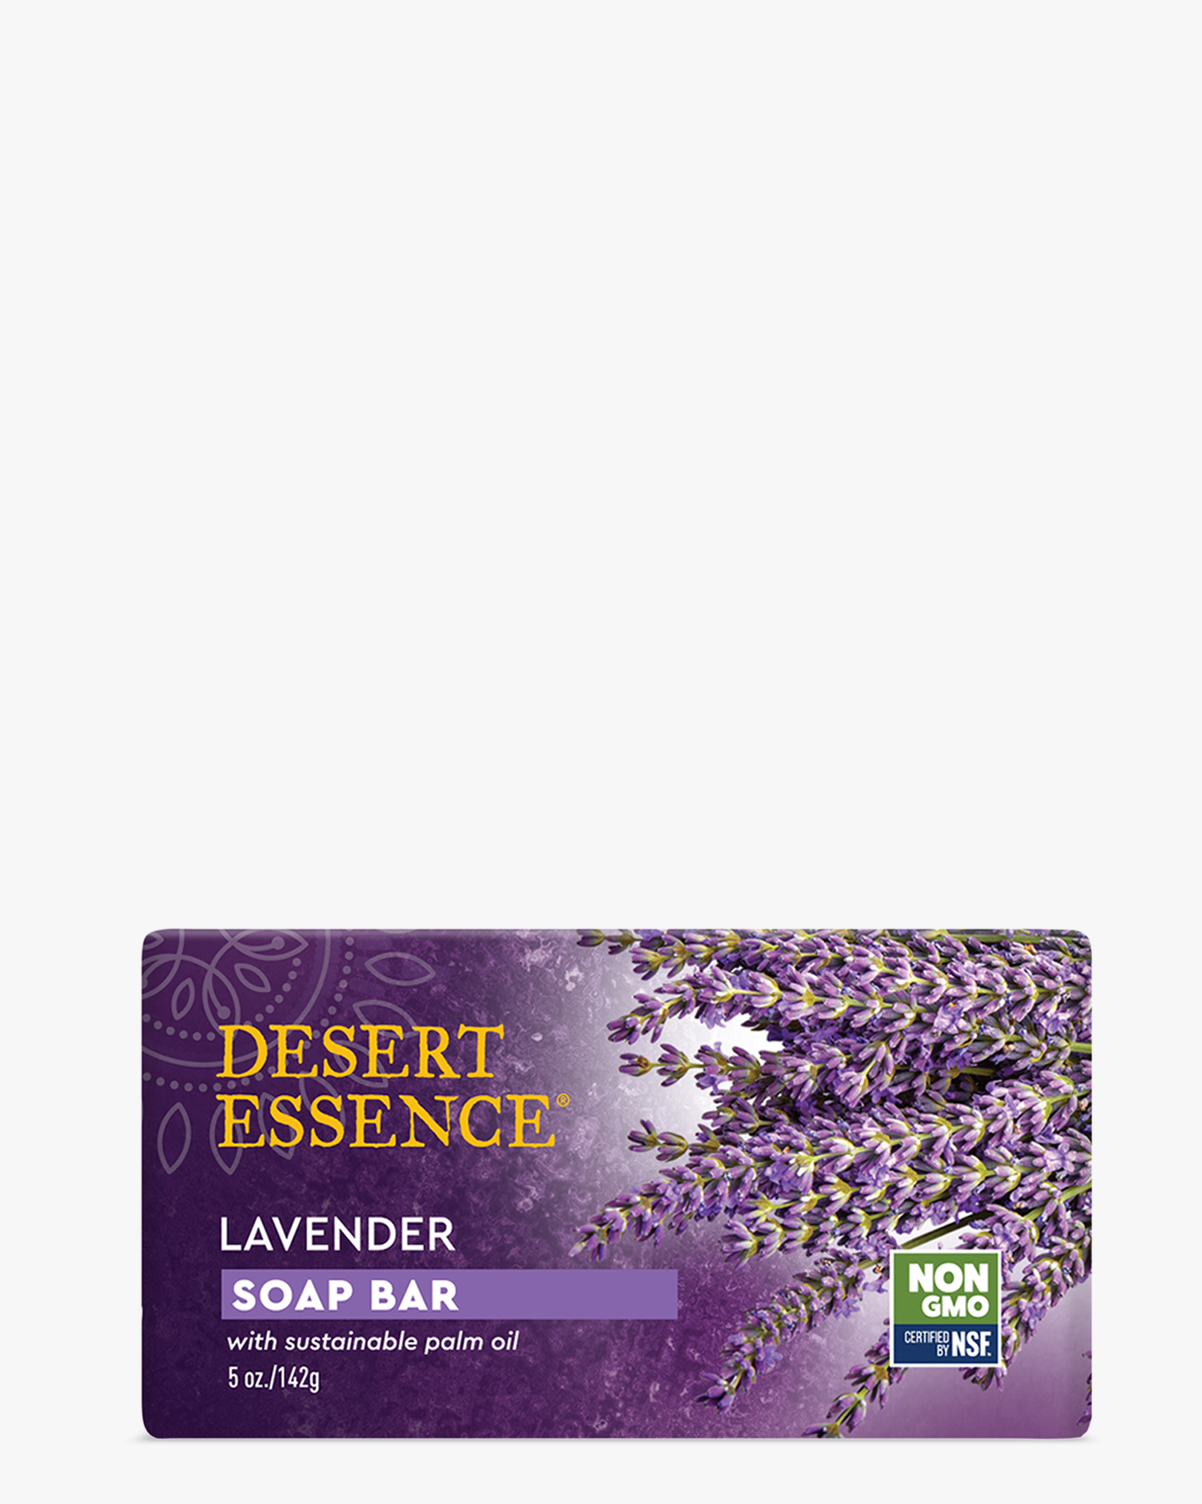 Desert Essence coupon: Desert Essence Lavender Soap Bar, 5 oz. | Vegan | Gluten-Free